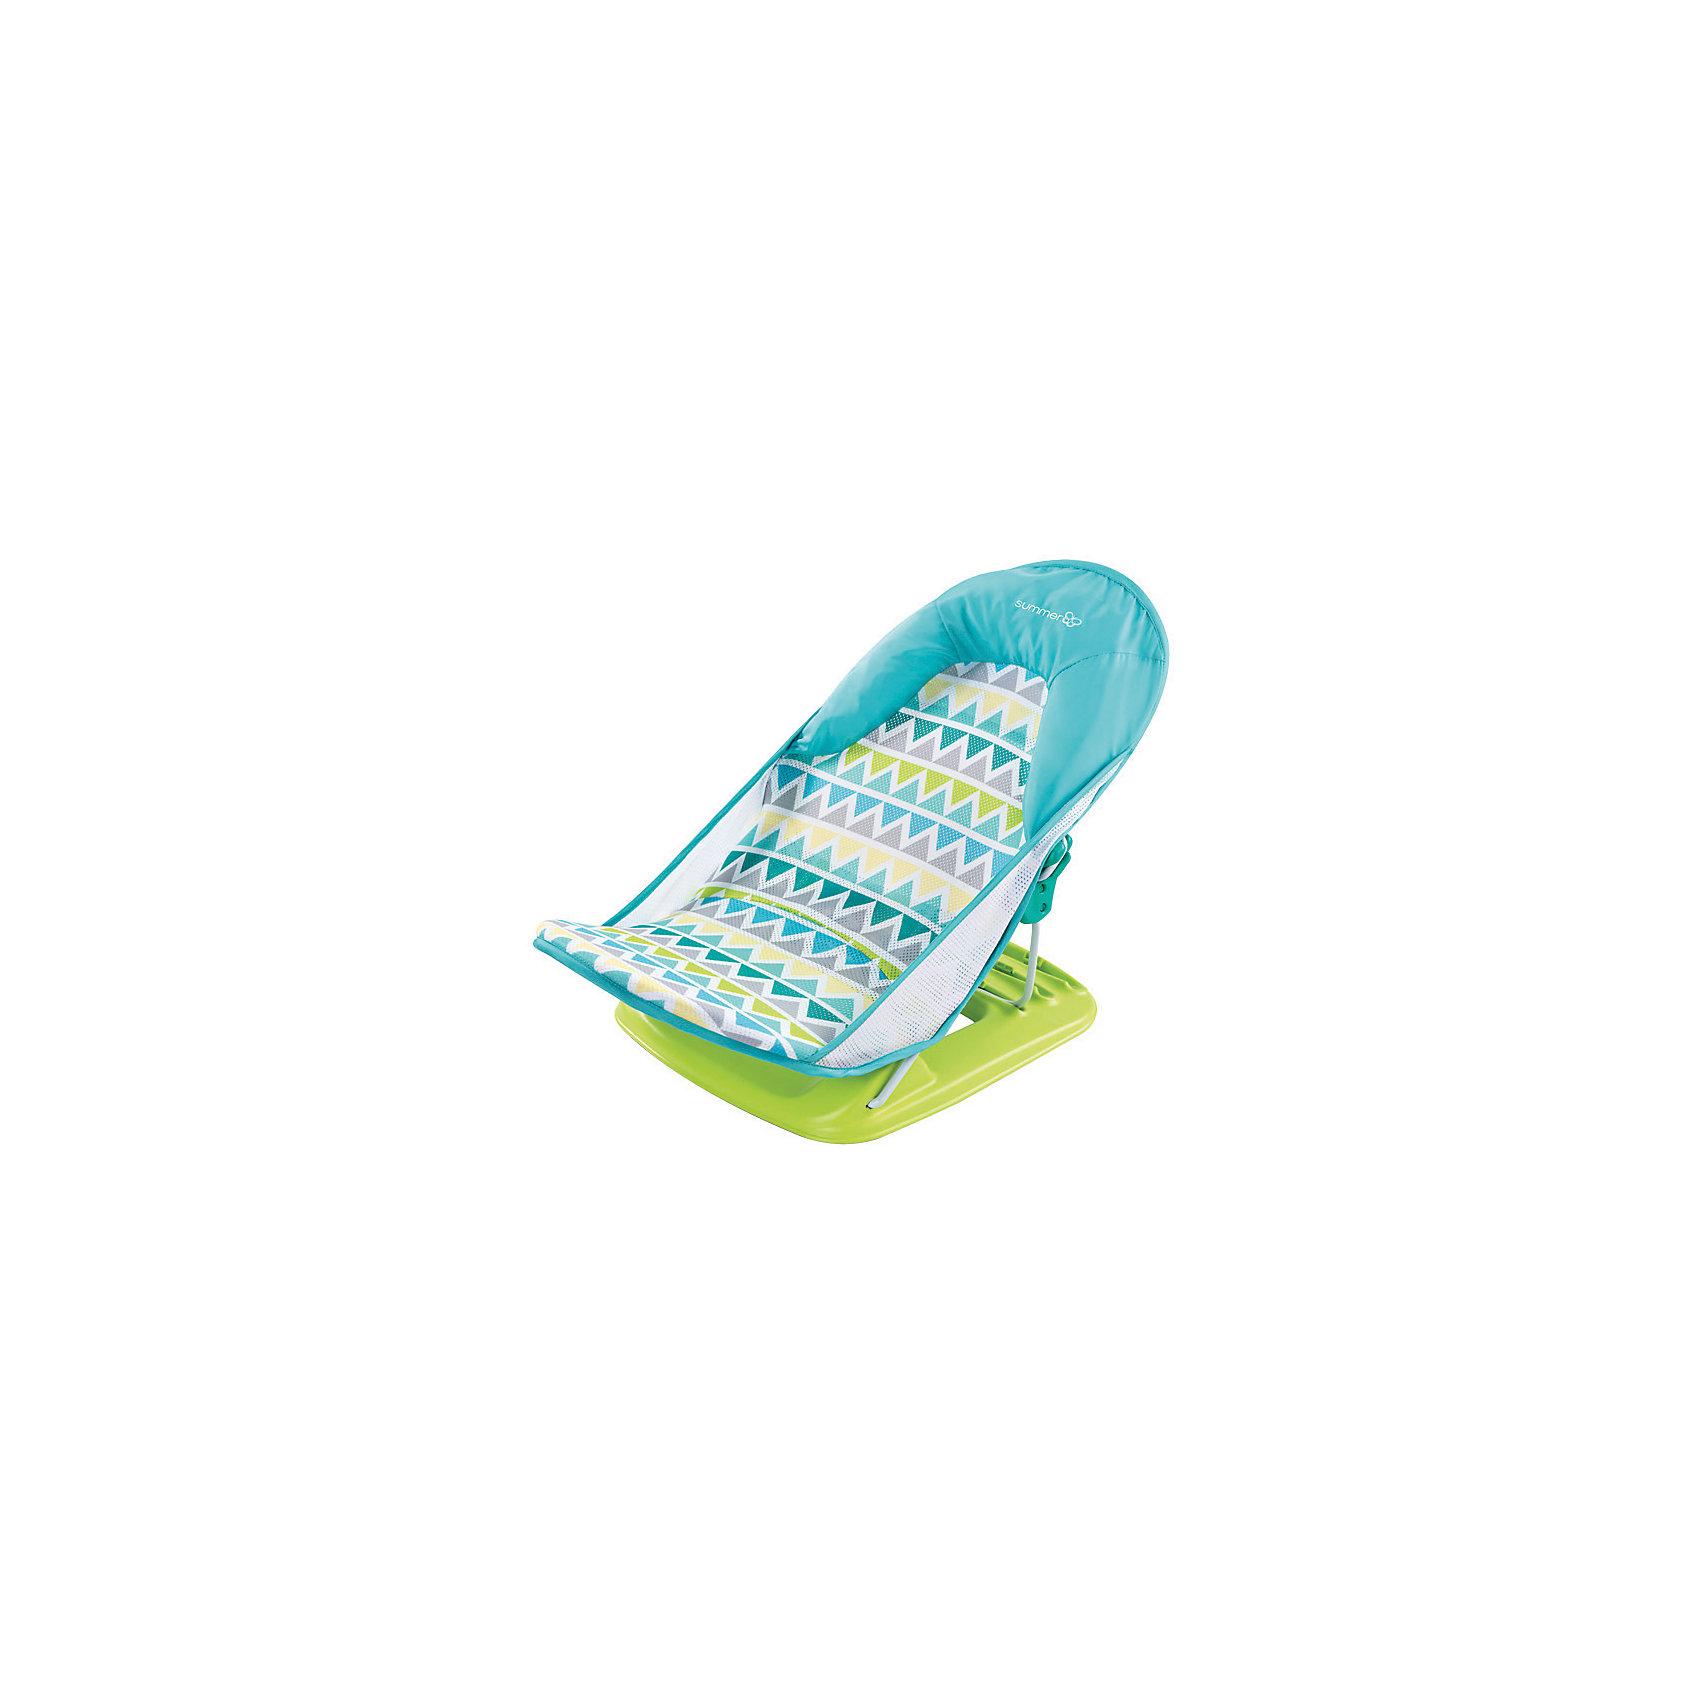 Лежак для купания Deluxe Baby Bather, Summer Infant, голубой, зигзагВанны, горки, сиденья<br>Лежак для купания в ванну Deluxe Baby Bather от Summer Infant обеспечит оптимальную поддержку при купании малыша.<br>С мягким подголовником.<br>Спинка имеет 3 положения.<br>Тканевая основа лежака устойчива к появлению плесени, а также легко снимается и стирается в стиральной машине.<br>Можно установить как в ванной, так и в раковине.<br>Компактный.<br>Прост и удобен в применении.<br>Рекомендовано для детей от 0 до 3 месяцев<br><br>Ширина мм: 610<br>Глубина мм: 325<br>Высота мм: 335<br>Вес г: 2000<br>Возраст от месяцев: 0<br>Возраст до месяцев: 3<br>Пол: Унисекс<br>Возраст: Детский<br>SKU: 6856033